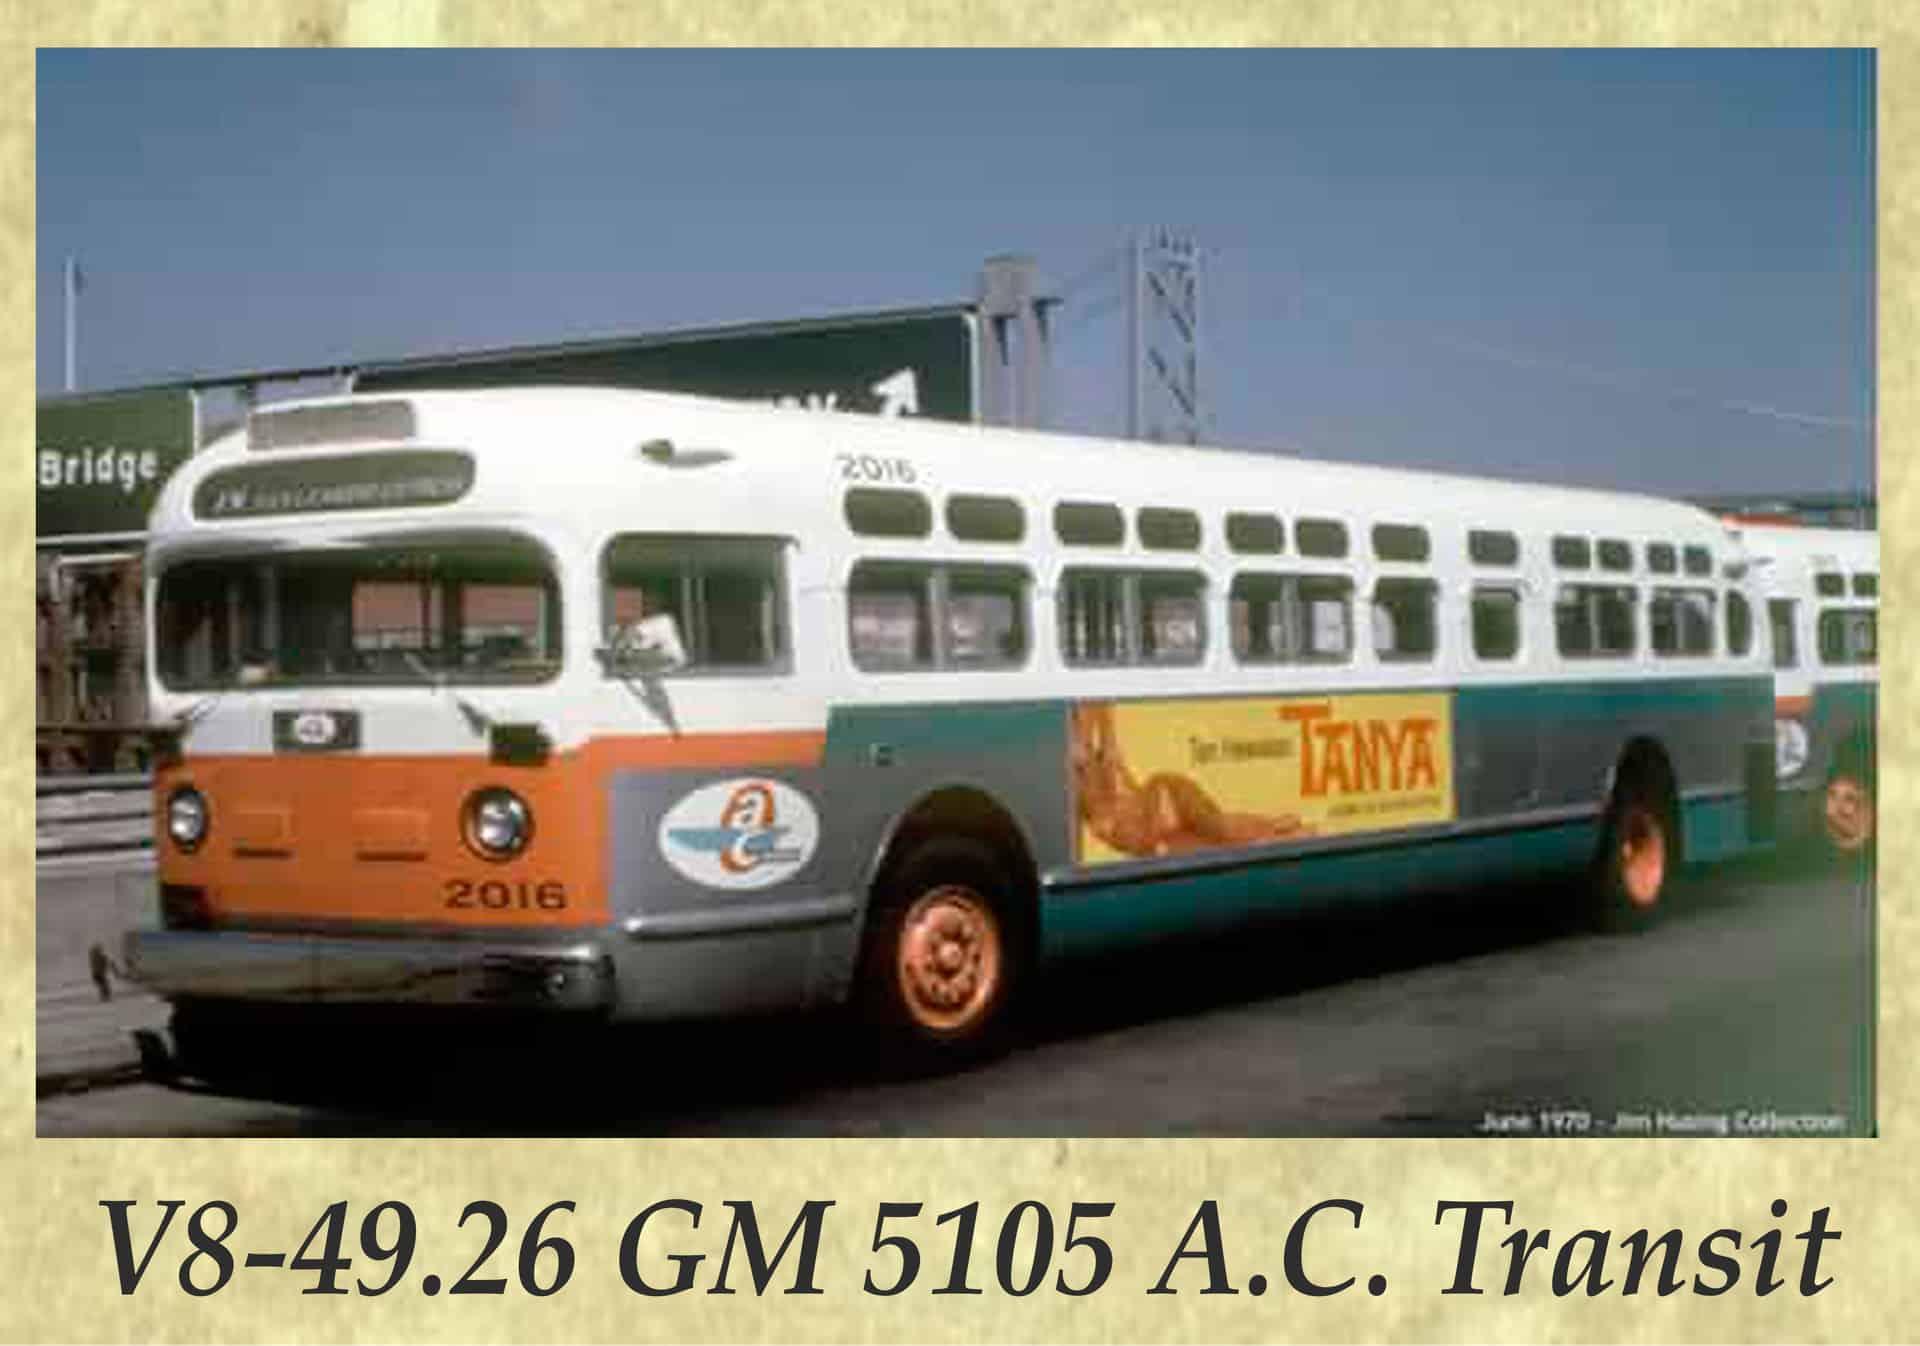 V8-49.26 GM 5105 A.C. Transit